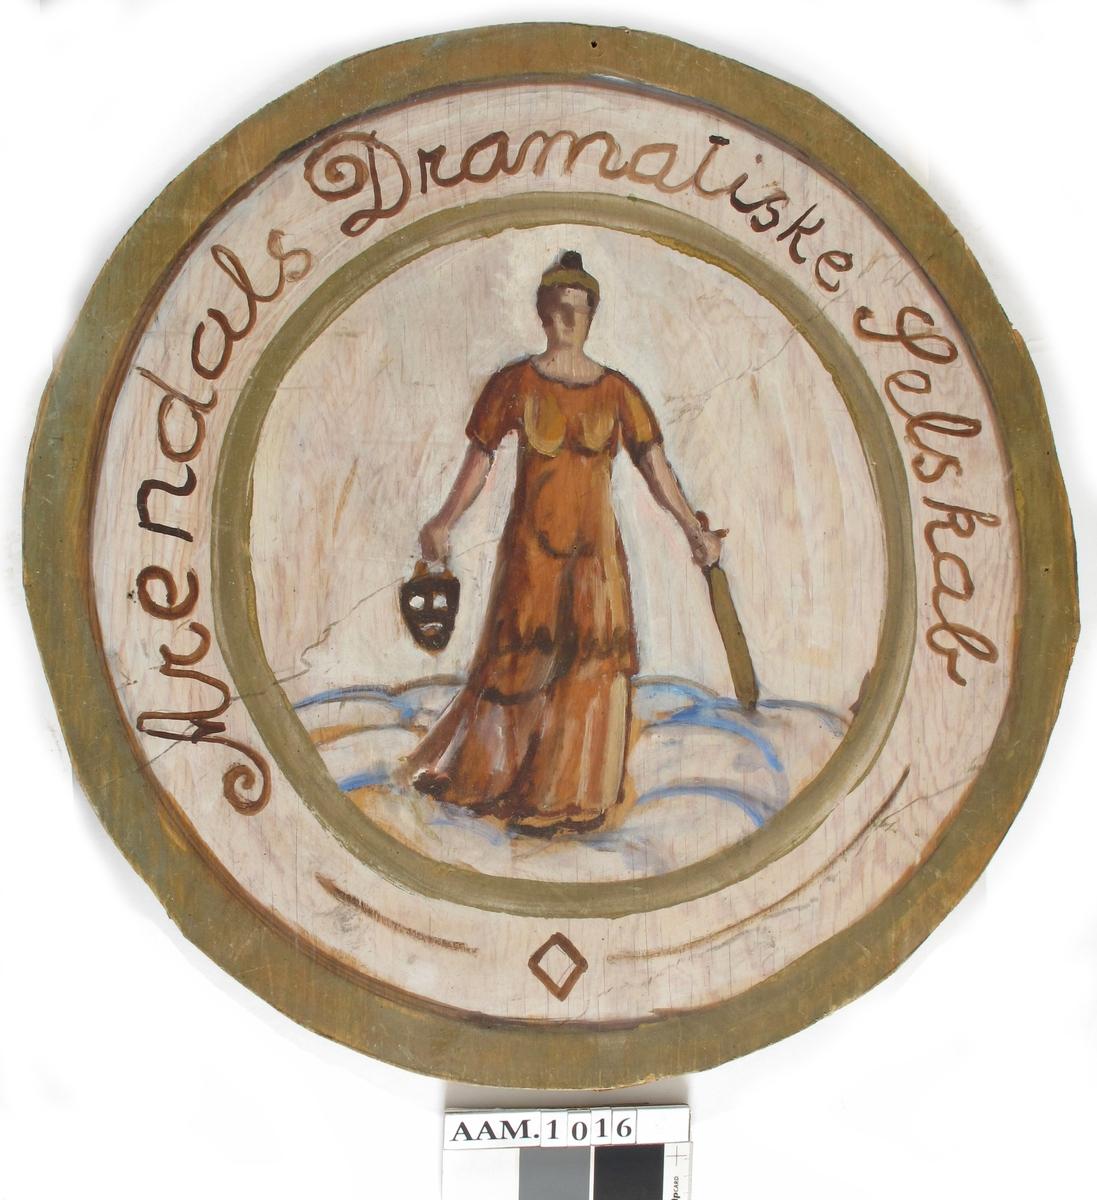 Sirkelrundt emblem: en kvinne  i gyllenbrun kjole med   hjelm  på hodet, holder et   sverd  i venstre hånd en   maske  i høyre. Thalia?  Innrammet av bred bord hvori står skrevet:   Arendals Dramatiske Selskab.